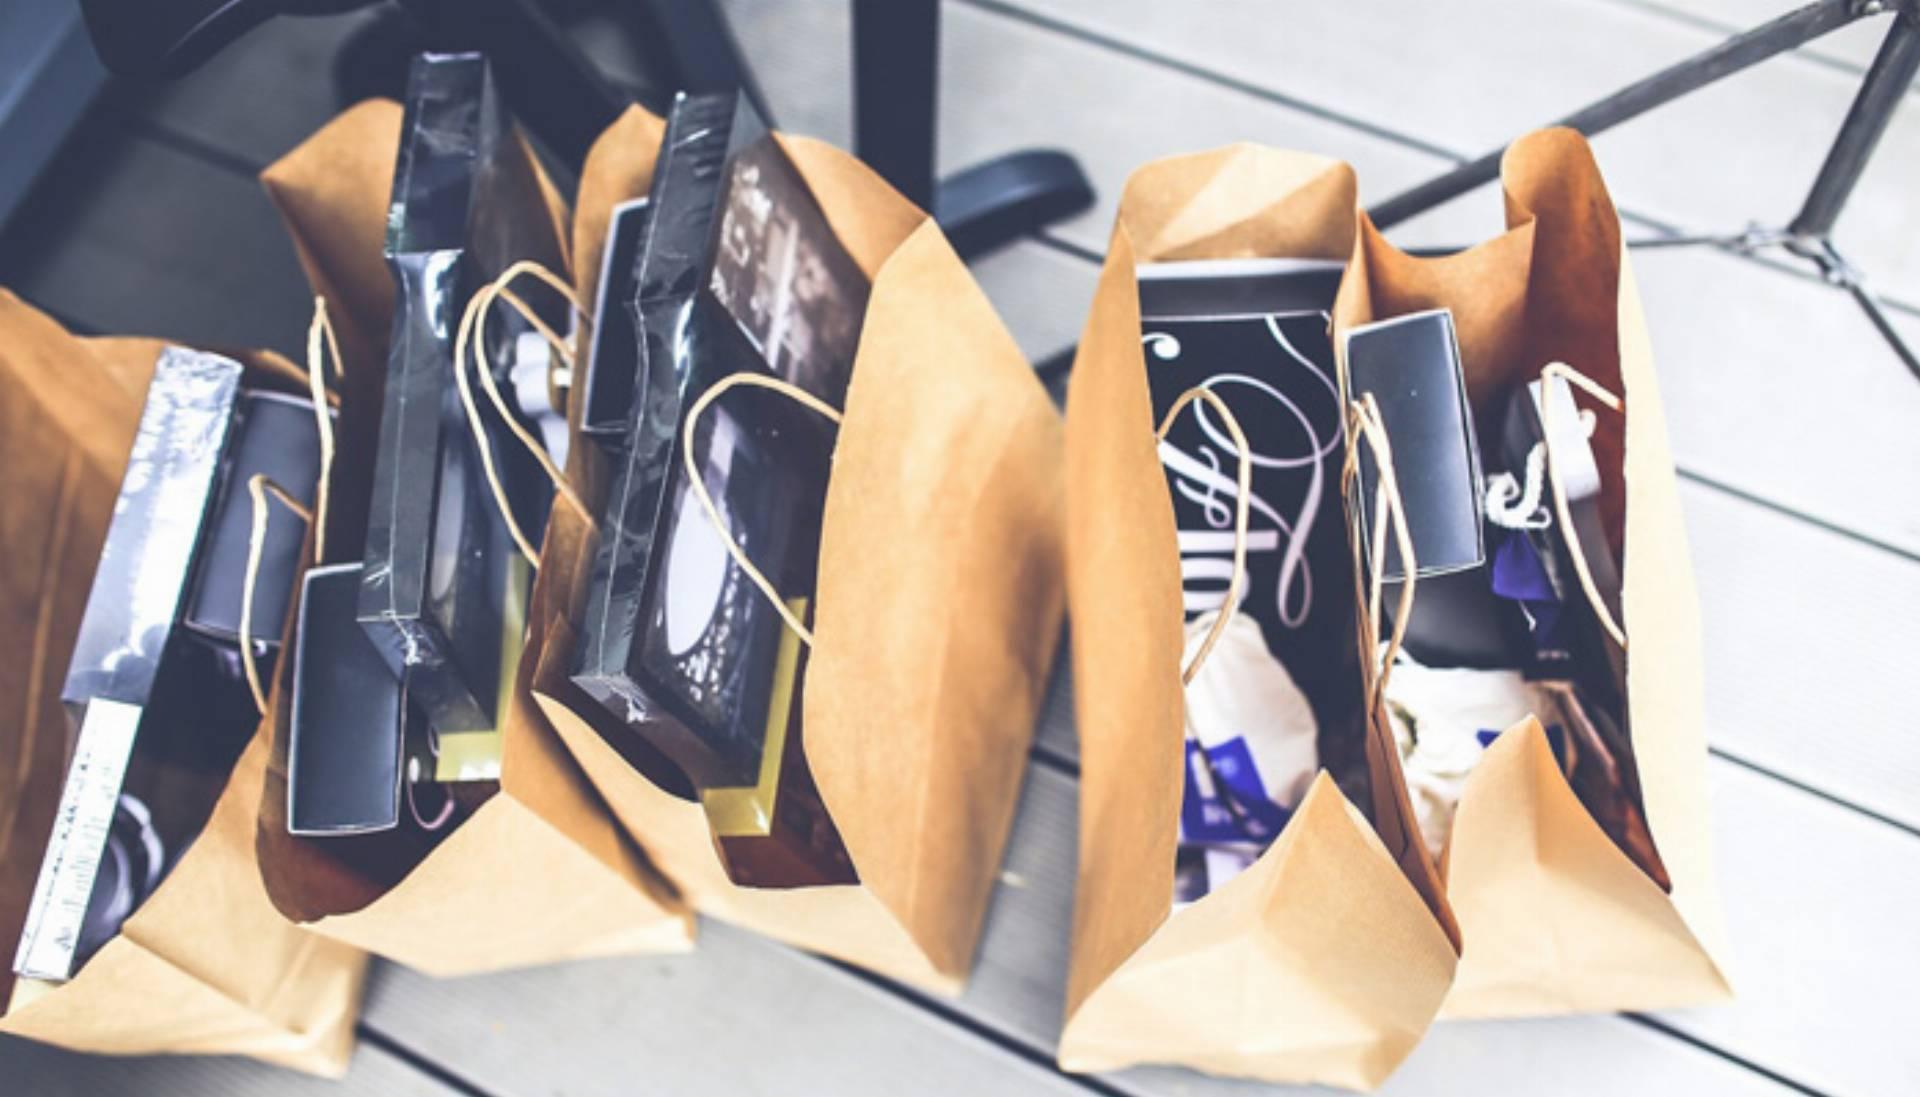 jak kupować na wyprzedażach, zakupy, sale, wyprzedaż, torby